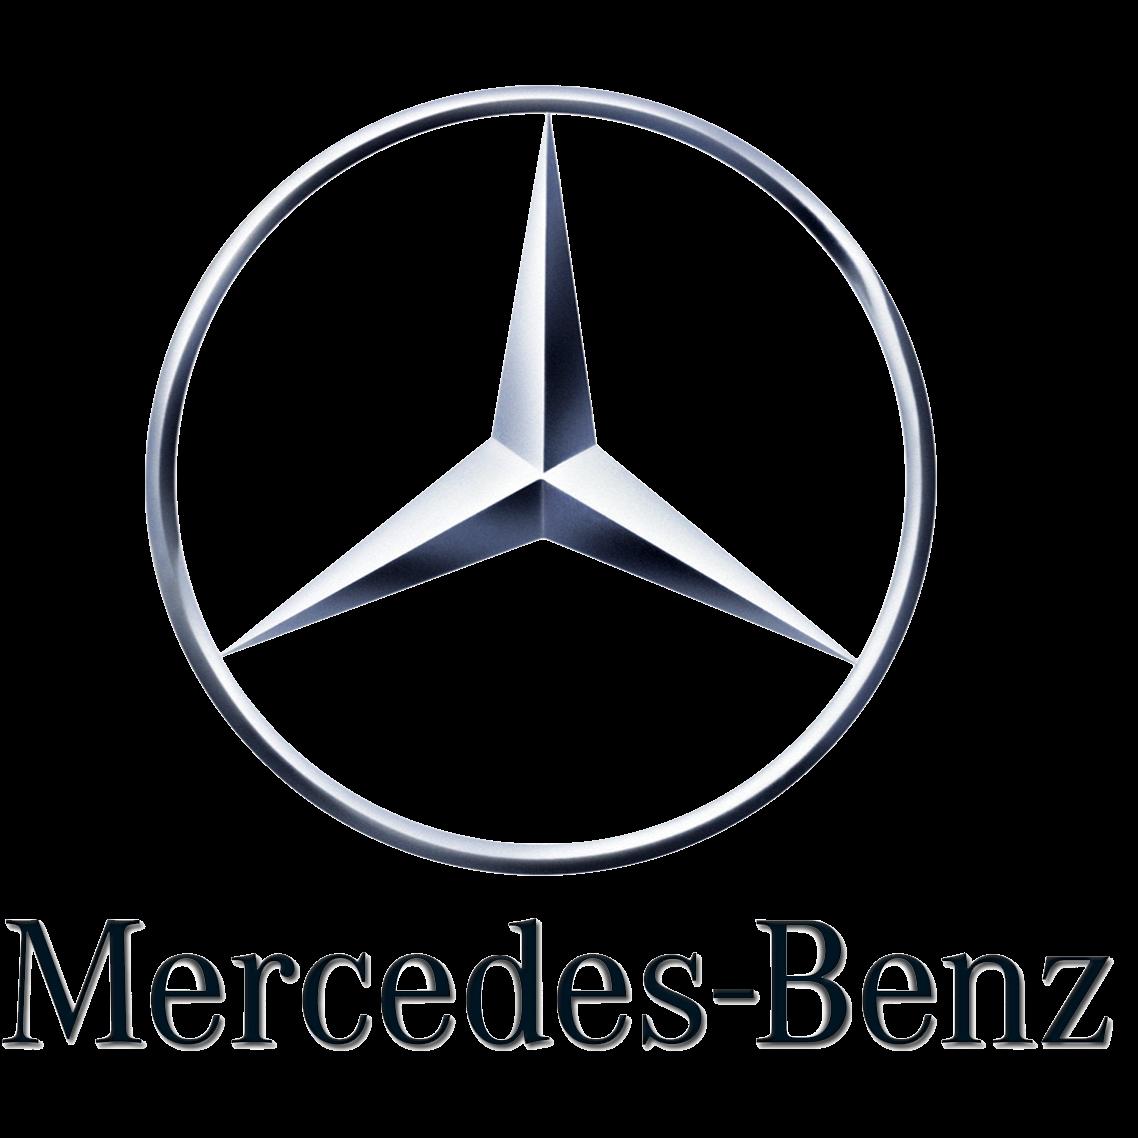 mercedes-benz-logo-png.png